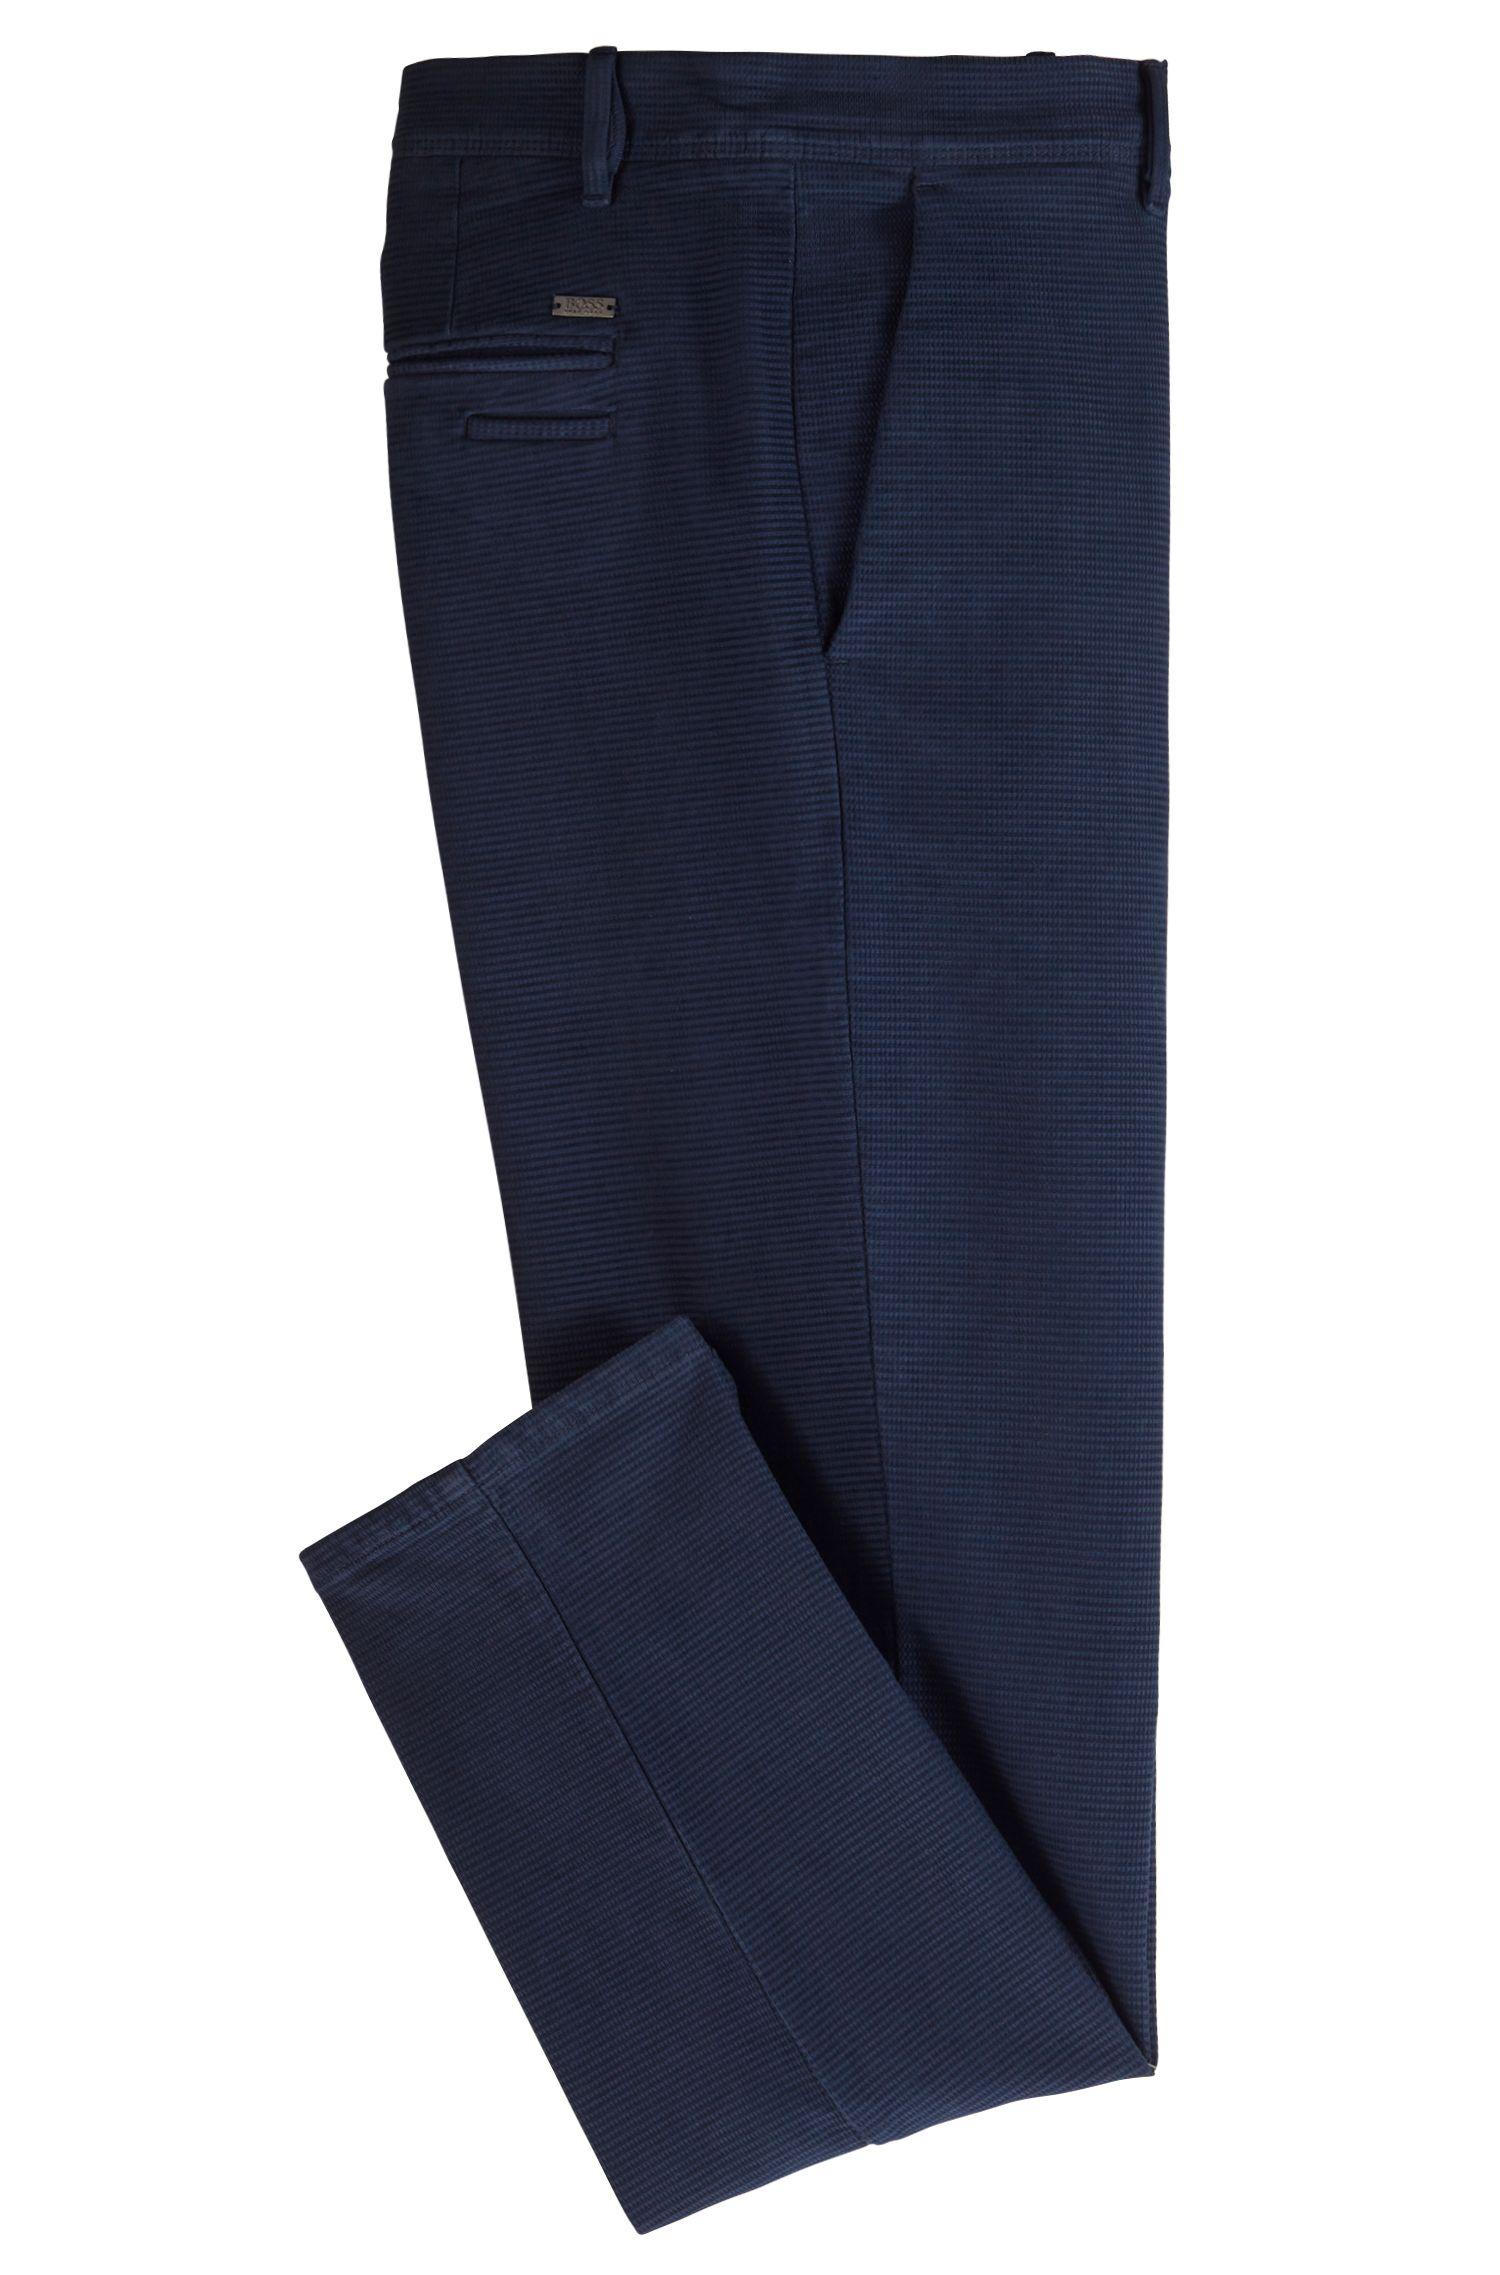 Pantalones tapered fit en algodón elástico con estructura, Azul oscuro